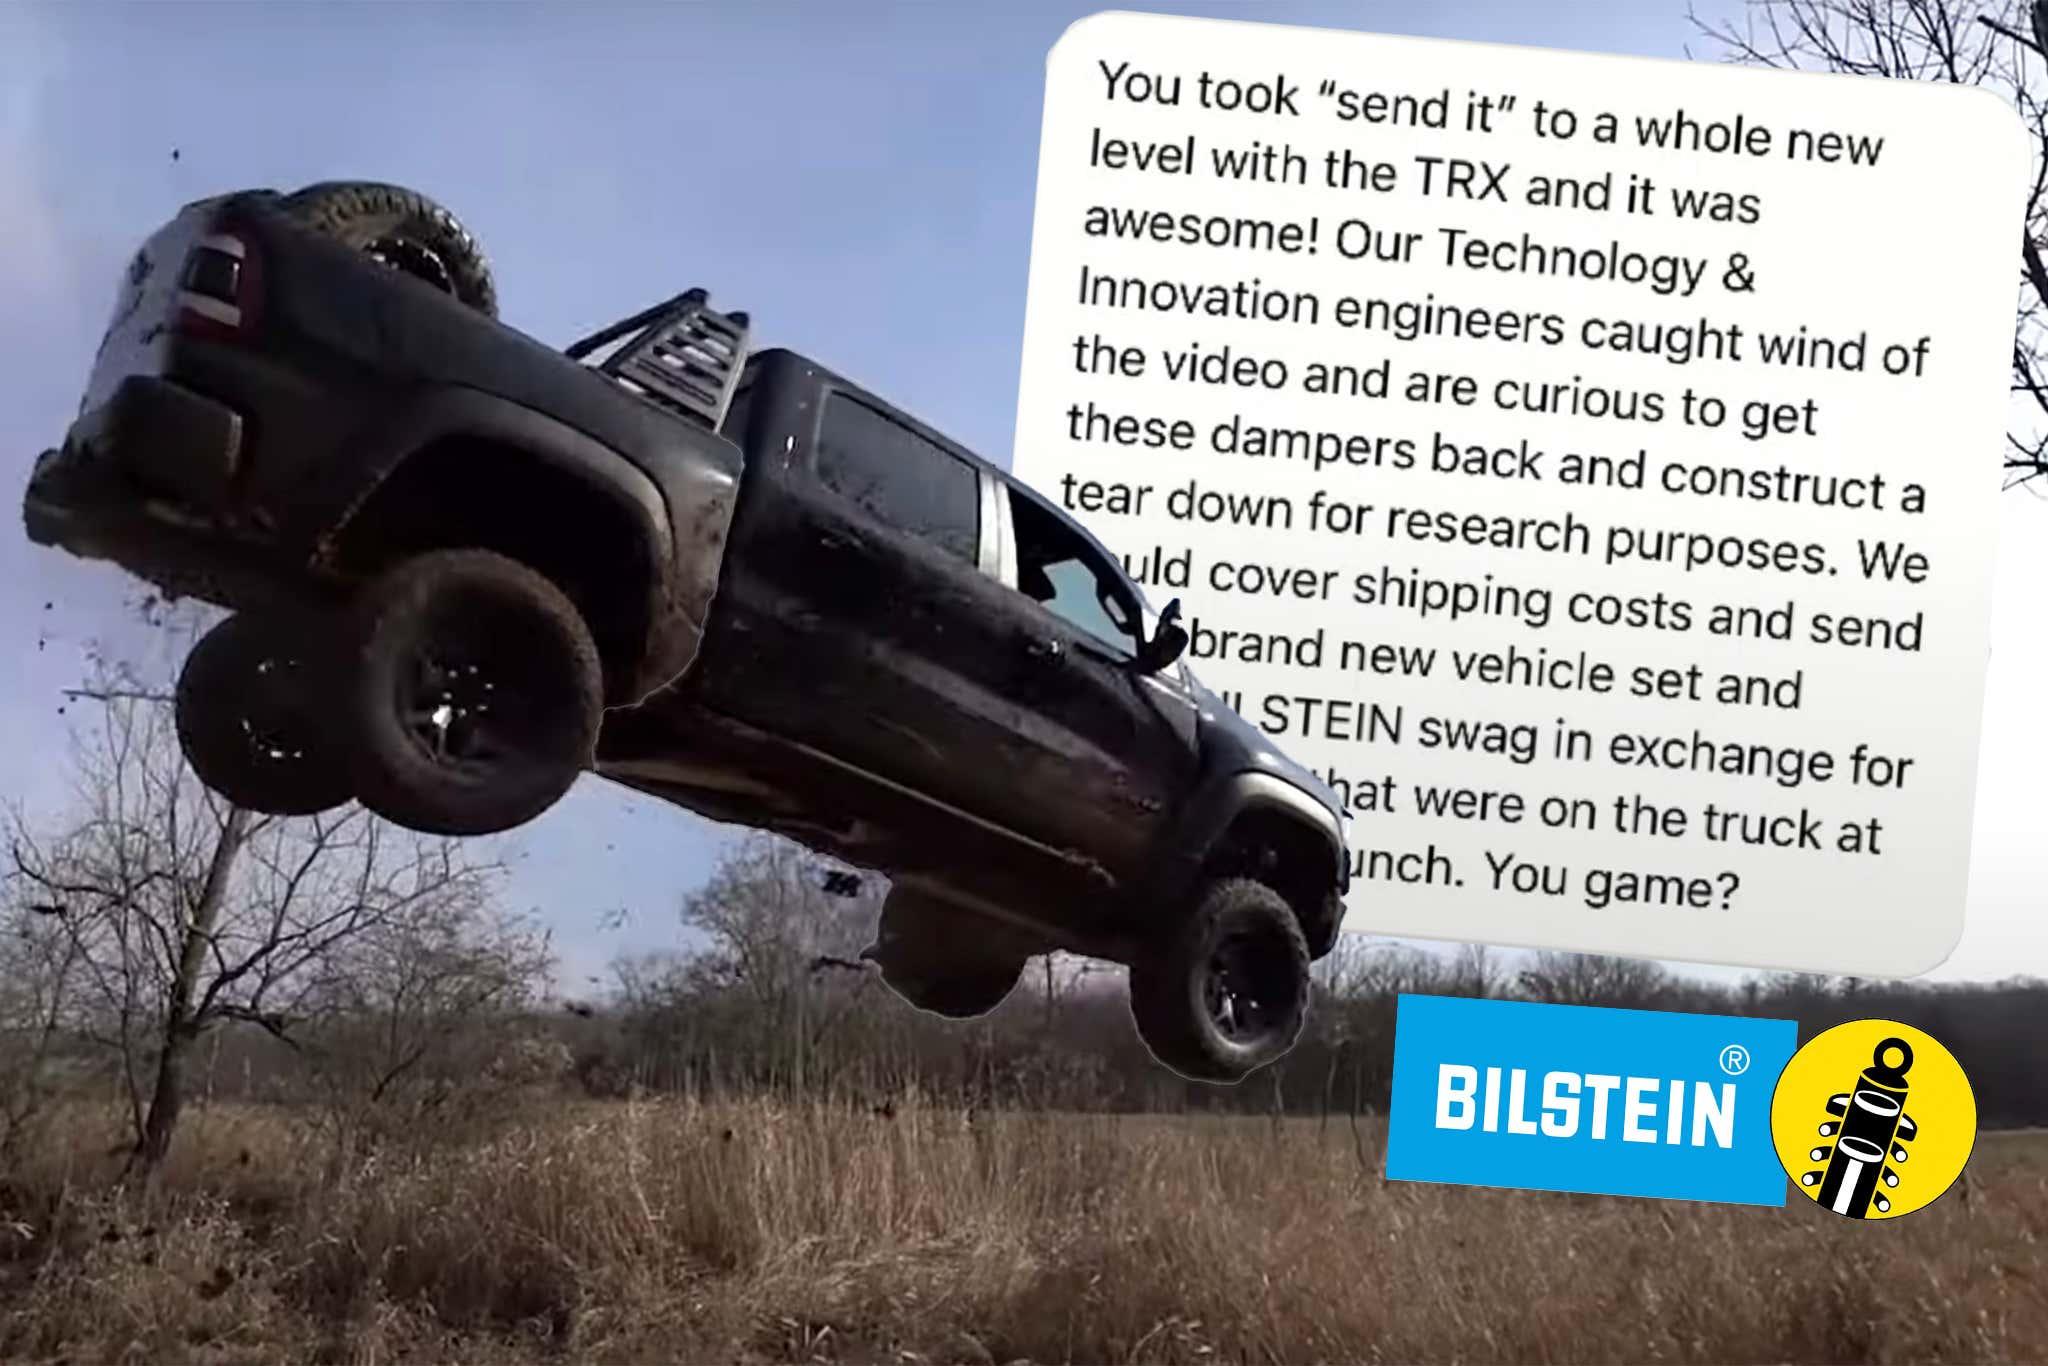 Ram 1500 TRX messaggio Bilstein